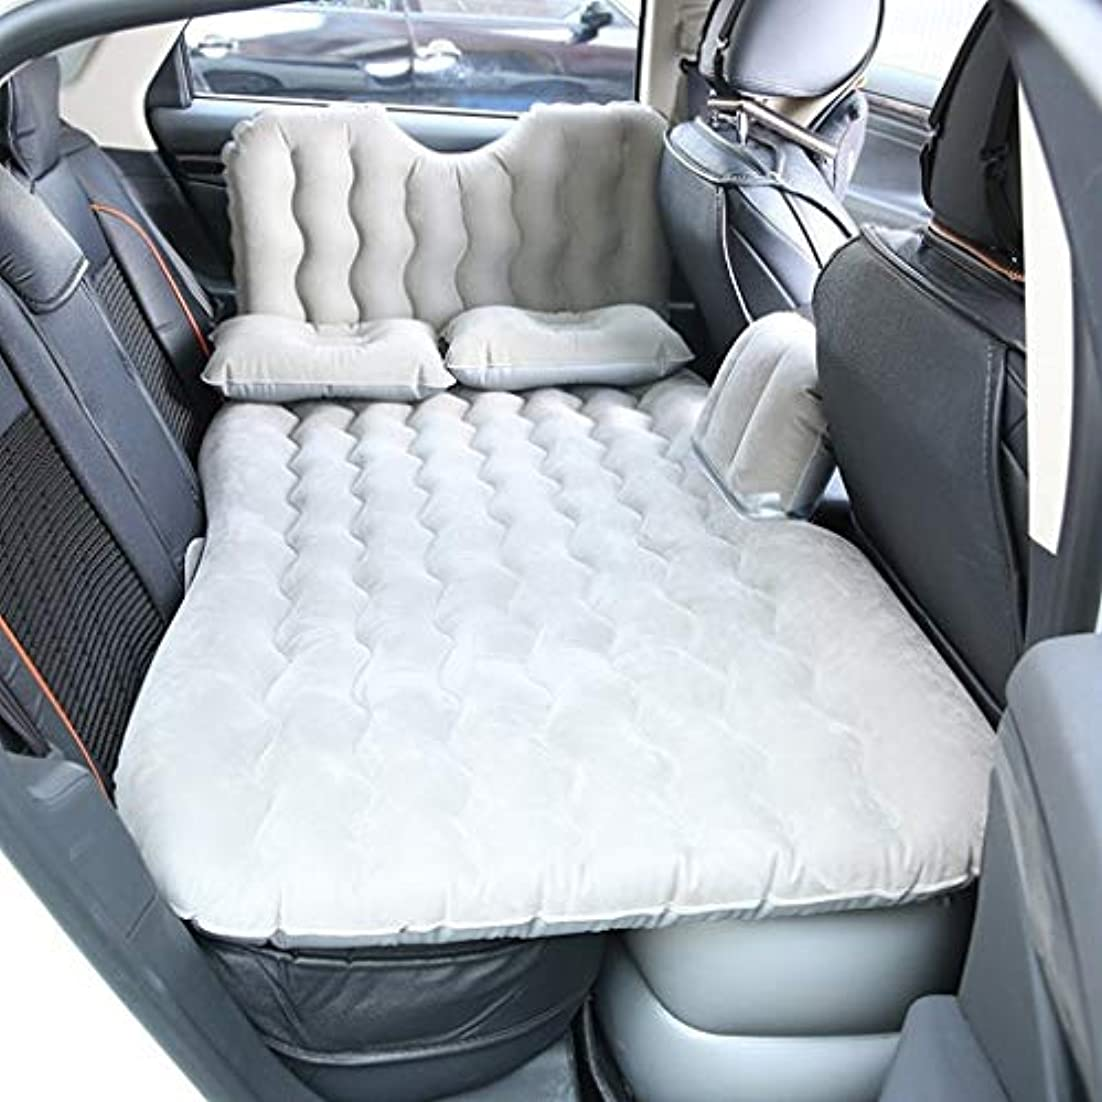 ミケランジェロジャケットディンカルビルSYLOZ 車のインフレータブルベッド車のマットレス車の寝台パッドインフレータブルベッド後列旅行ベッドエアベッド旋盤 (Color : Gray)